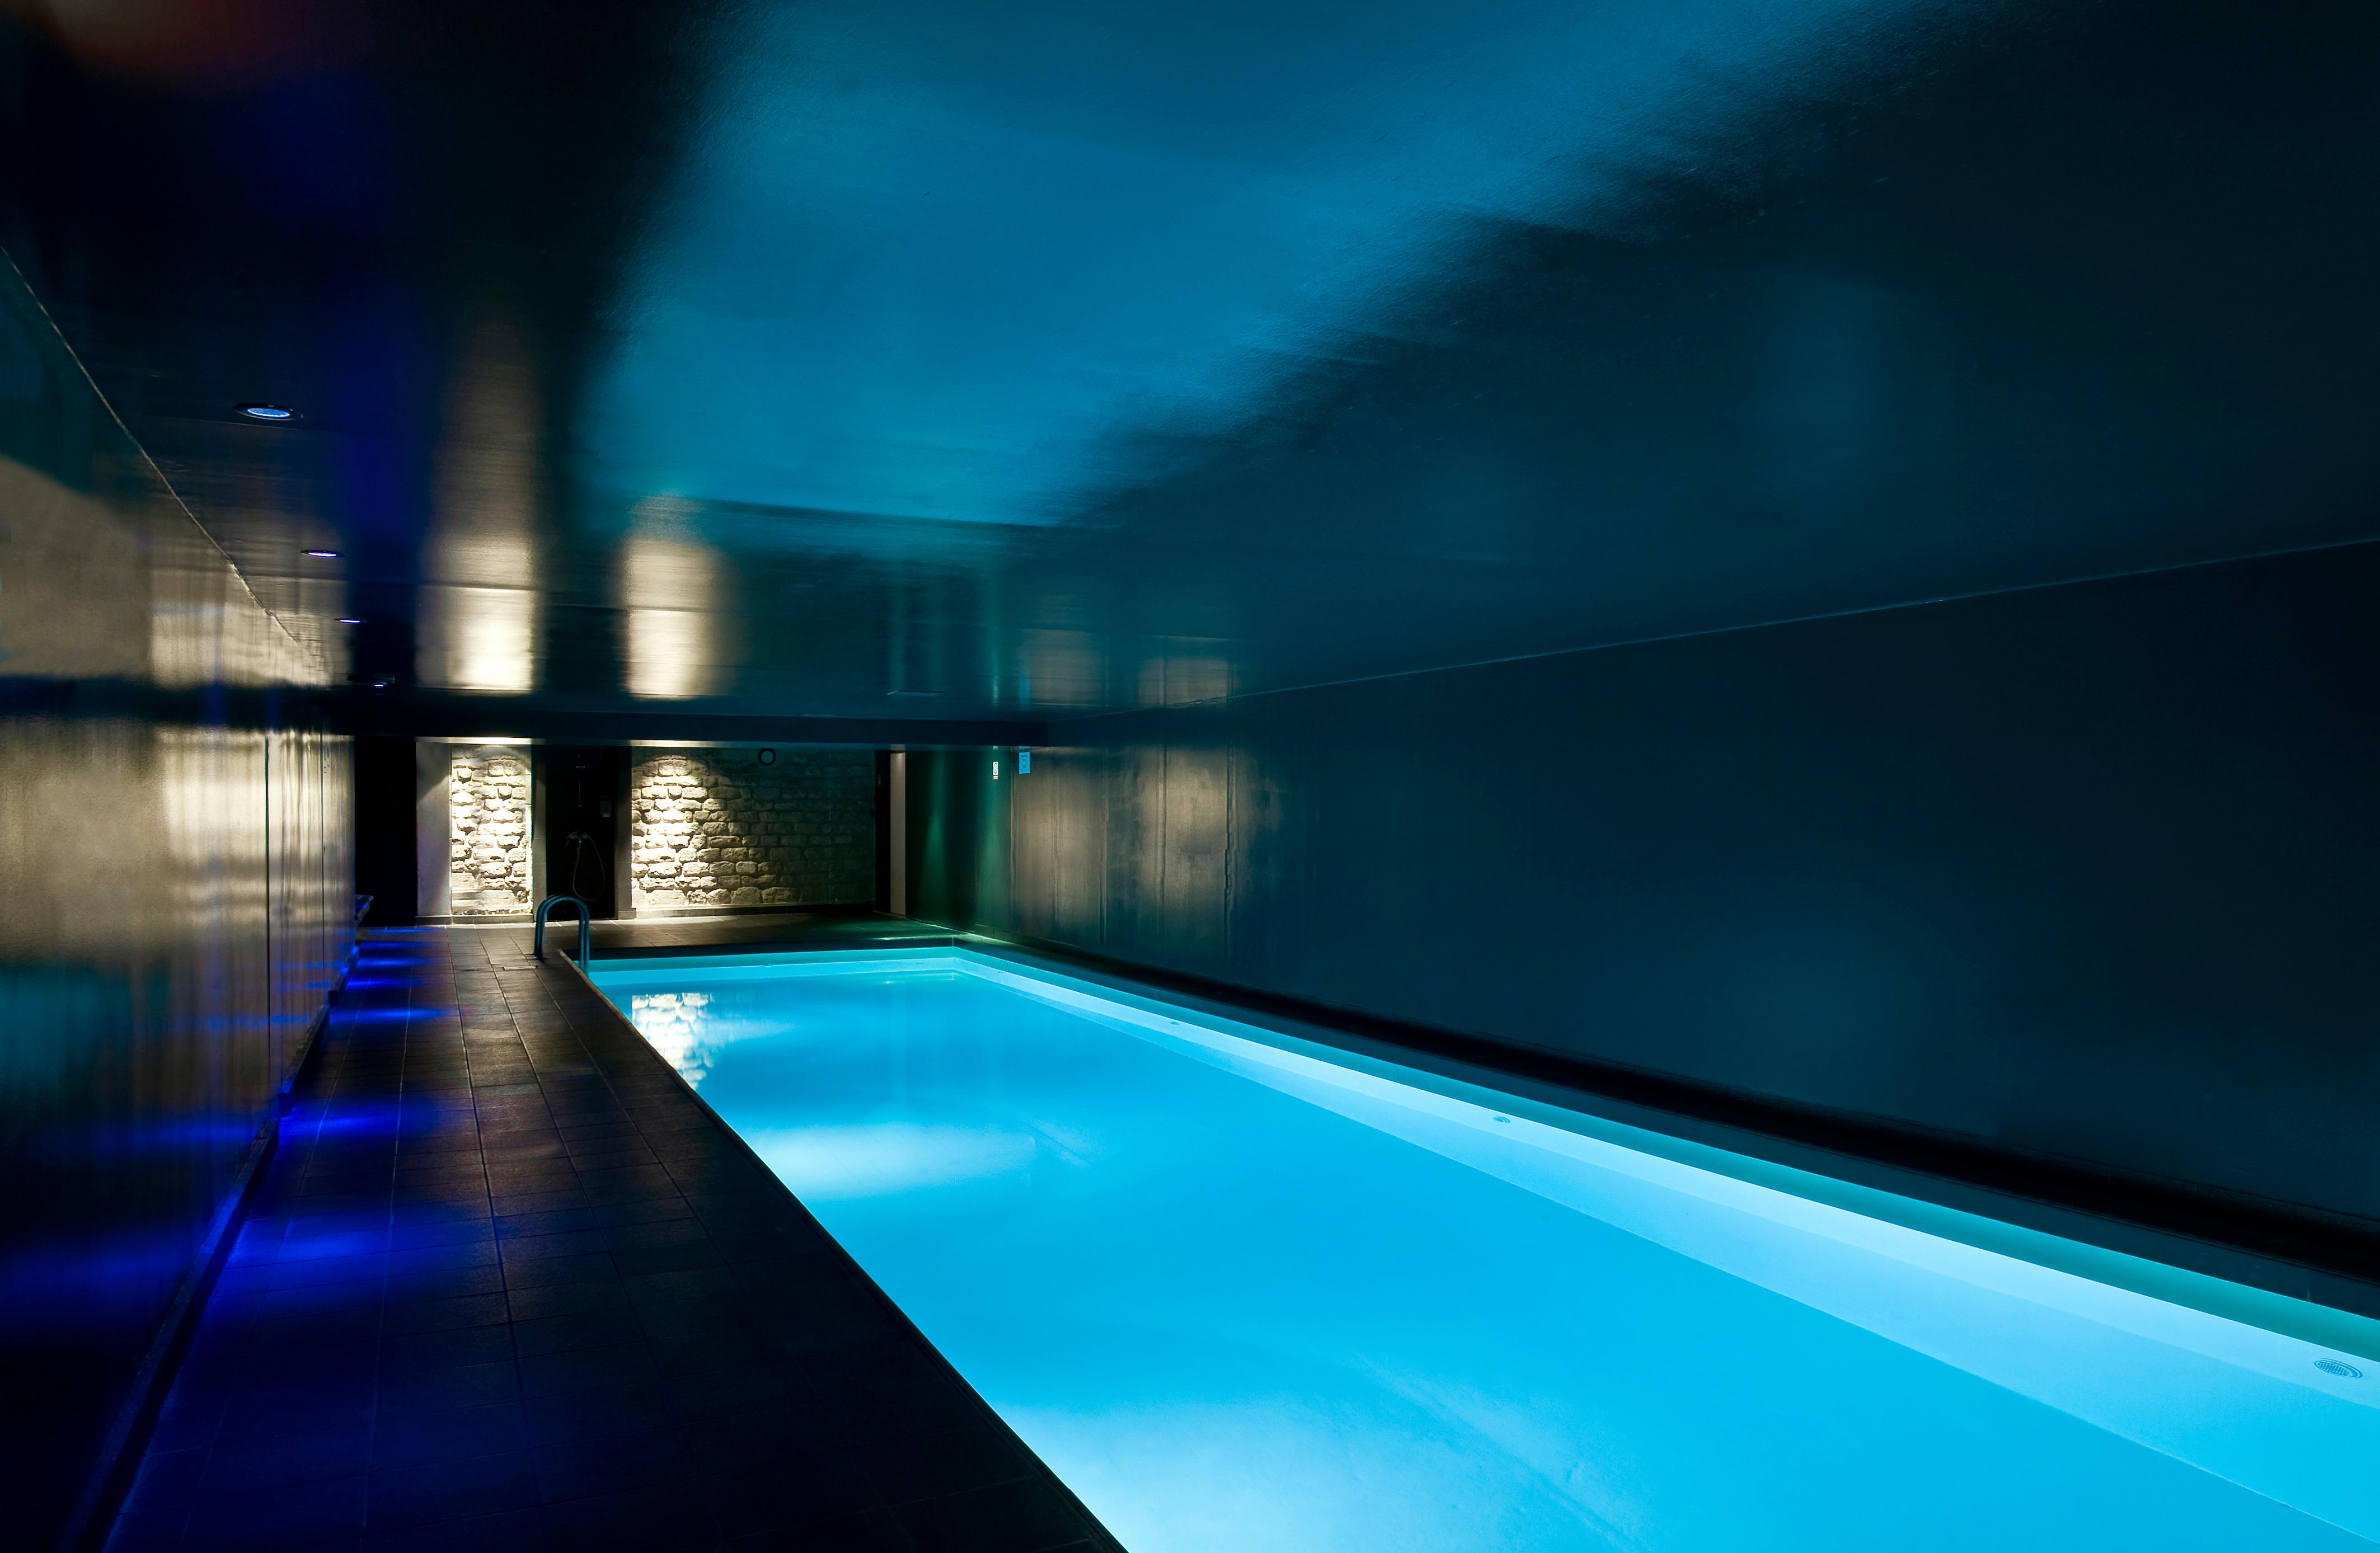 H tels avec piscine o piquer une t te kayak blog france for Hotel a dieppe avec piscine